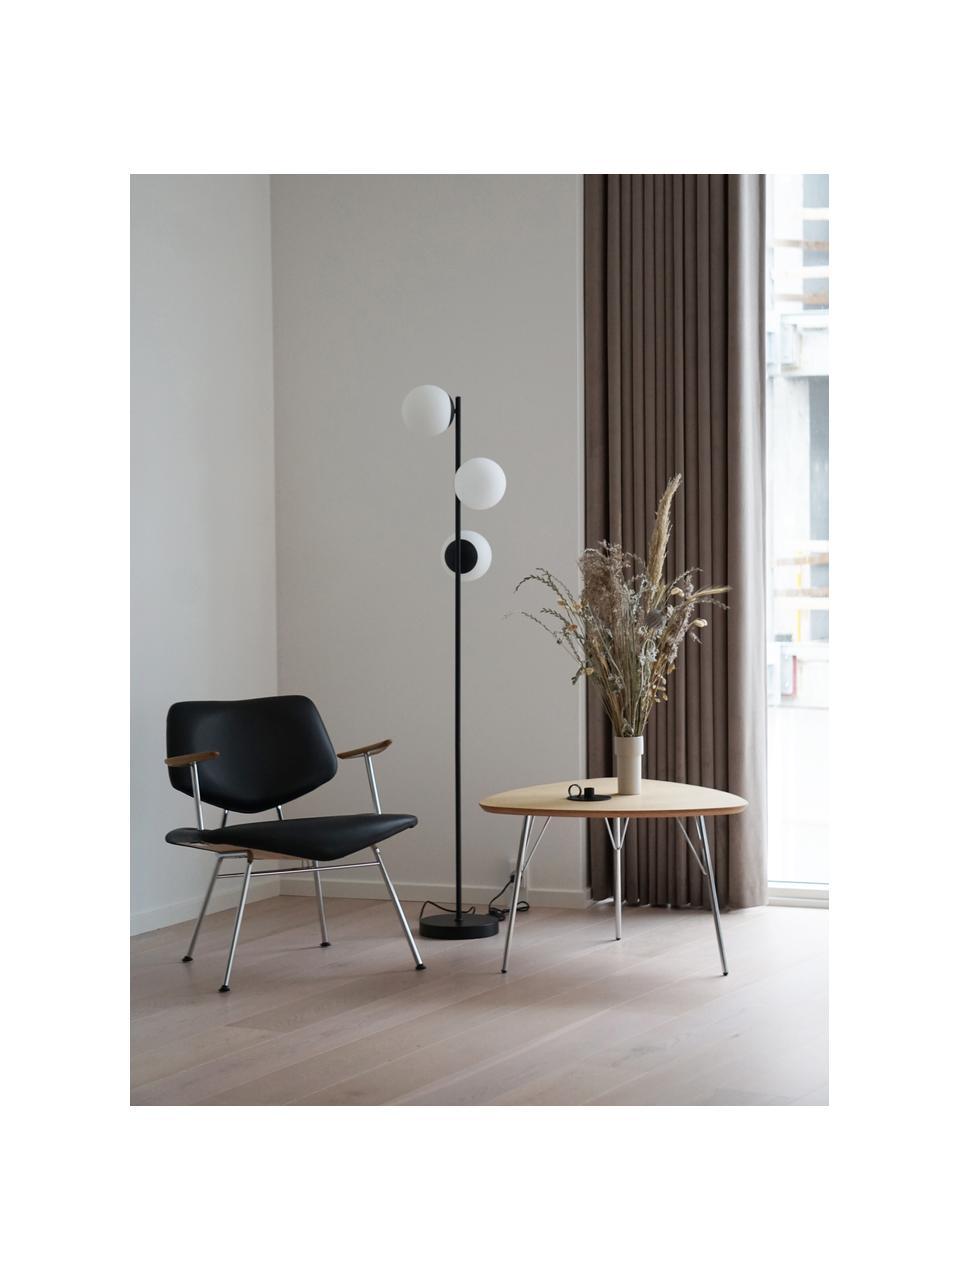 Lampa podłogowa ze szkła opalowego  Lilly, Czarny, biały, Ø 30 x W 150 cm